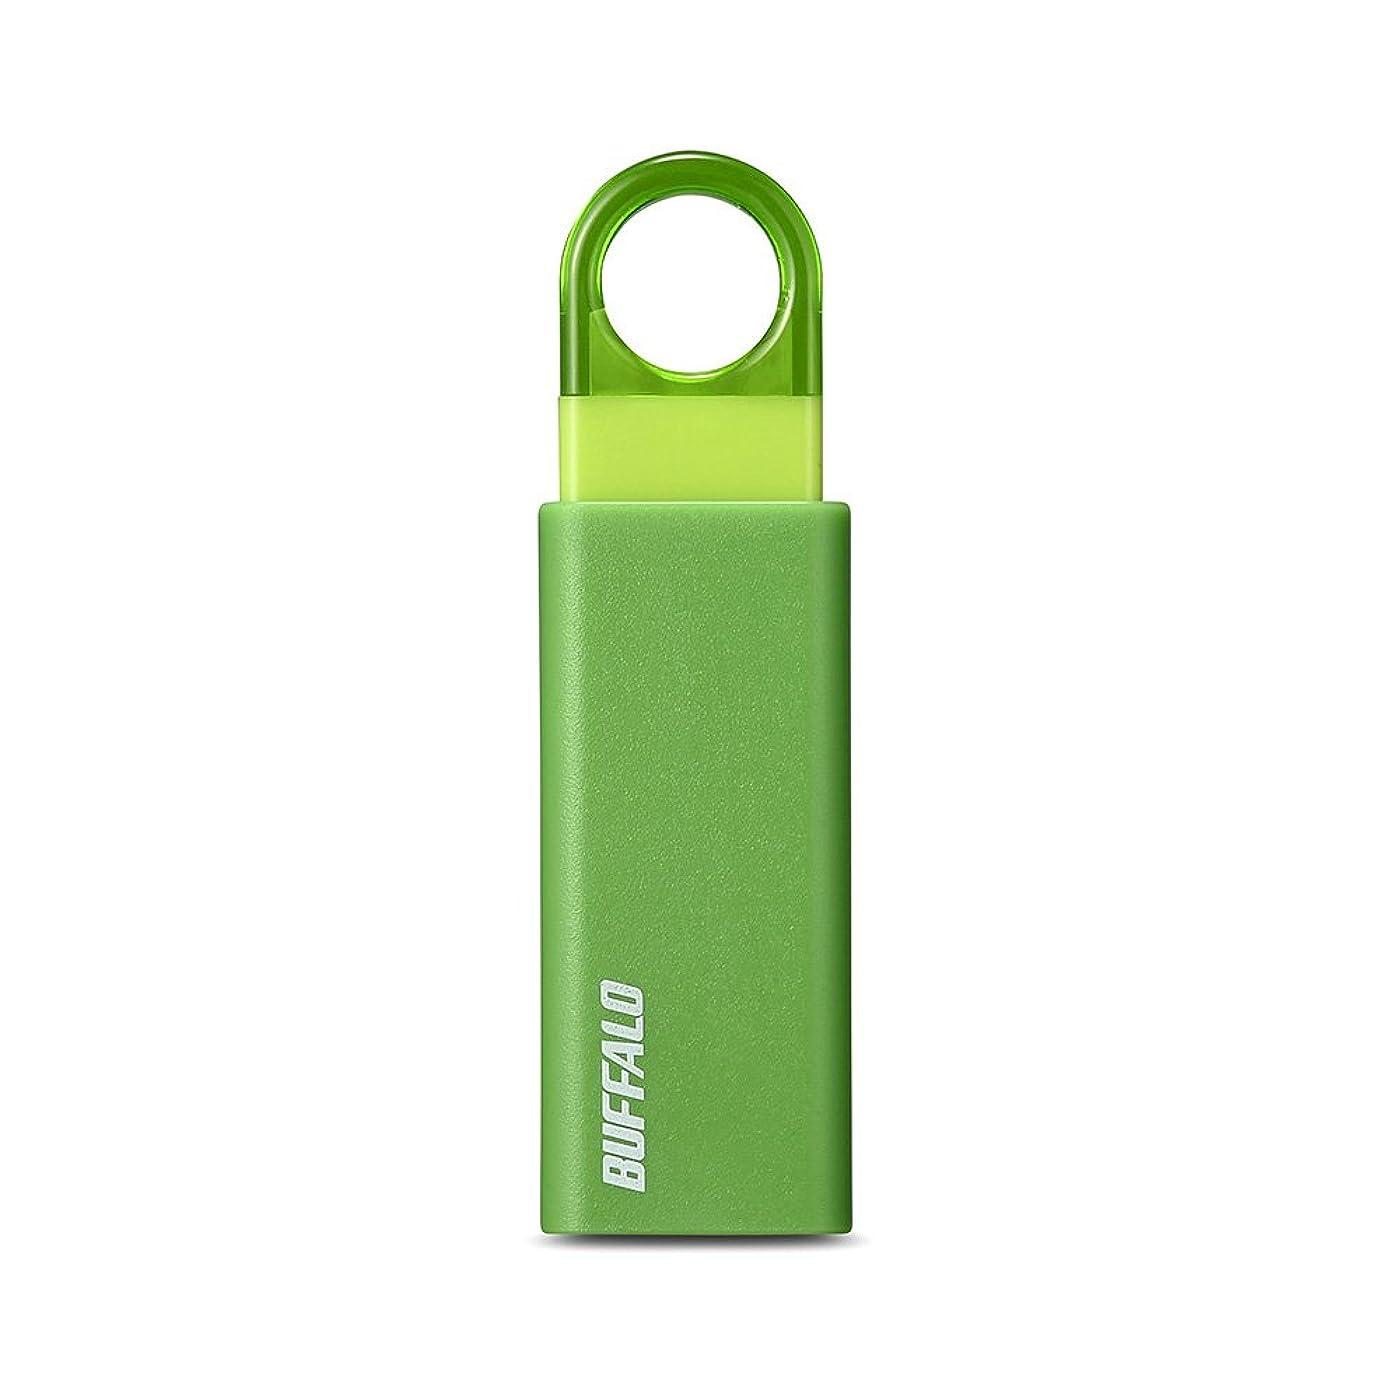 歩行者用語集サーバBUFFALO ノックスライド USB3.1(Gen1) USBメモリー 16GB グリーン RUF3-KS16GA-GR